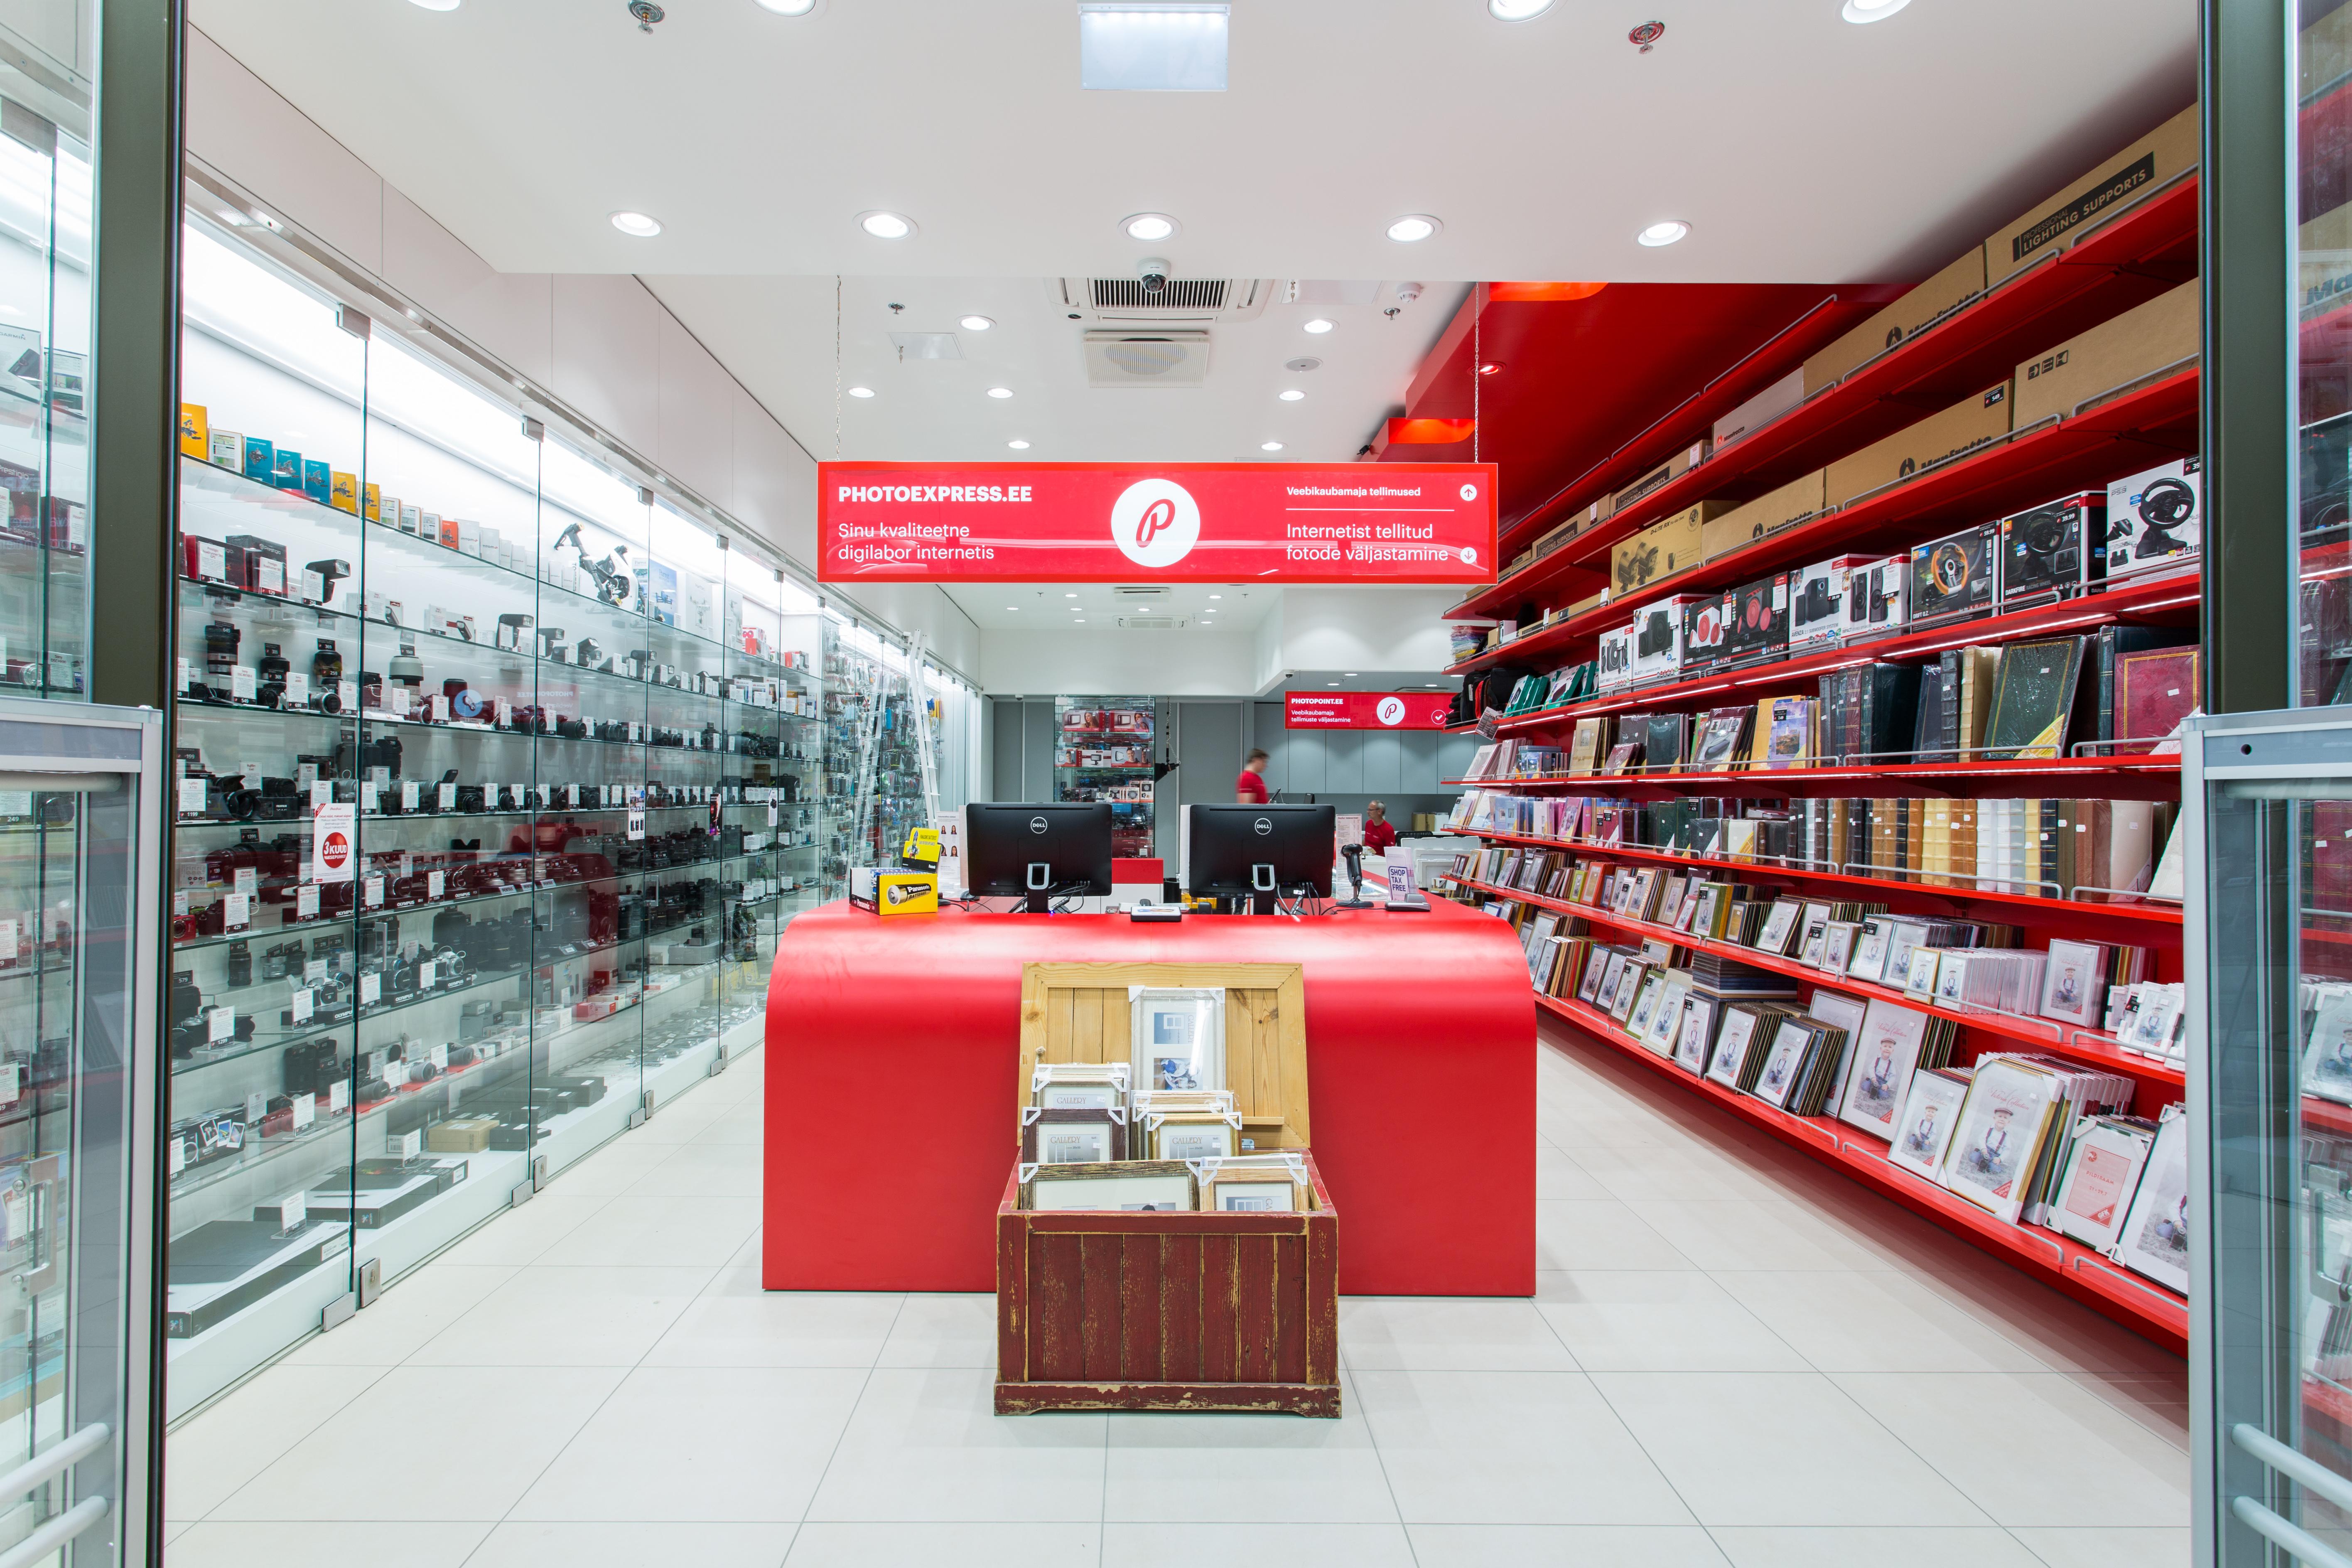 В магазине Photopoint, в торговом центре Kvartal - скидки на все фотоуслуги